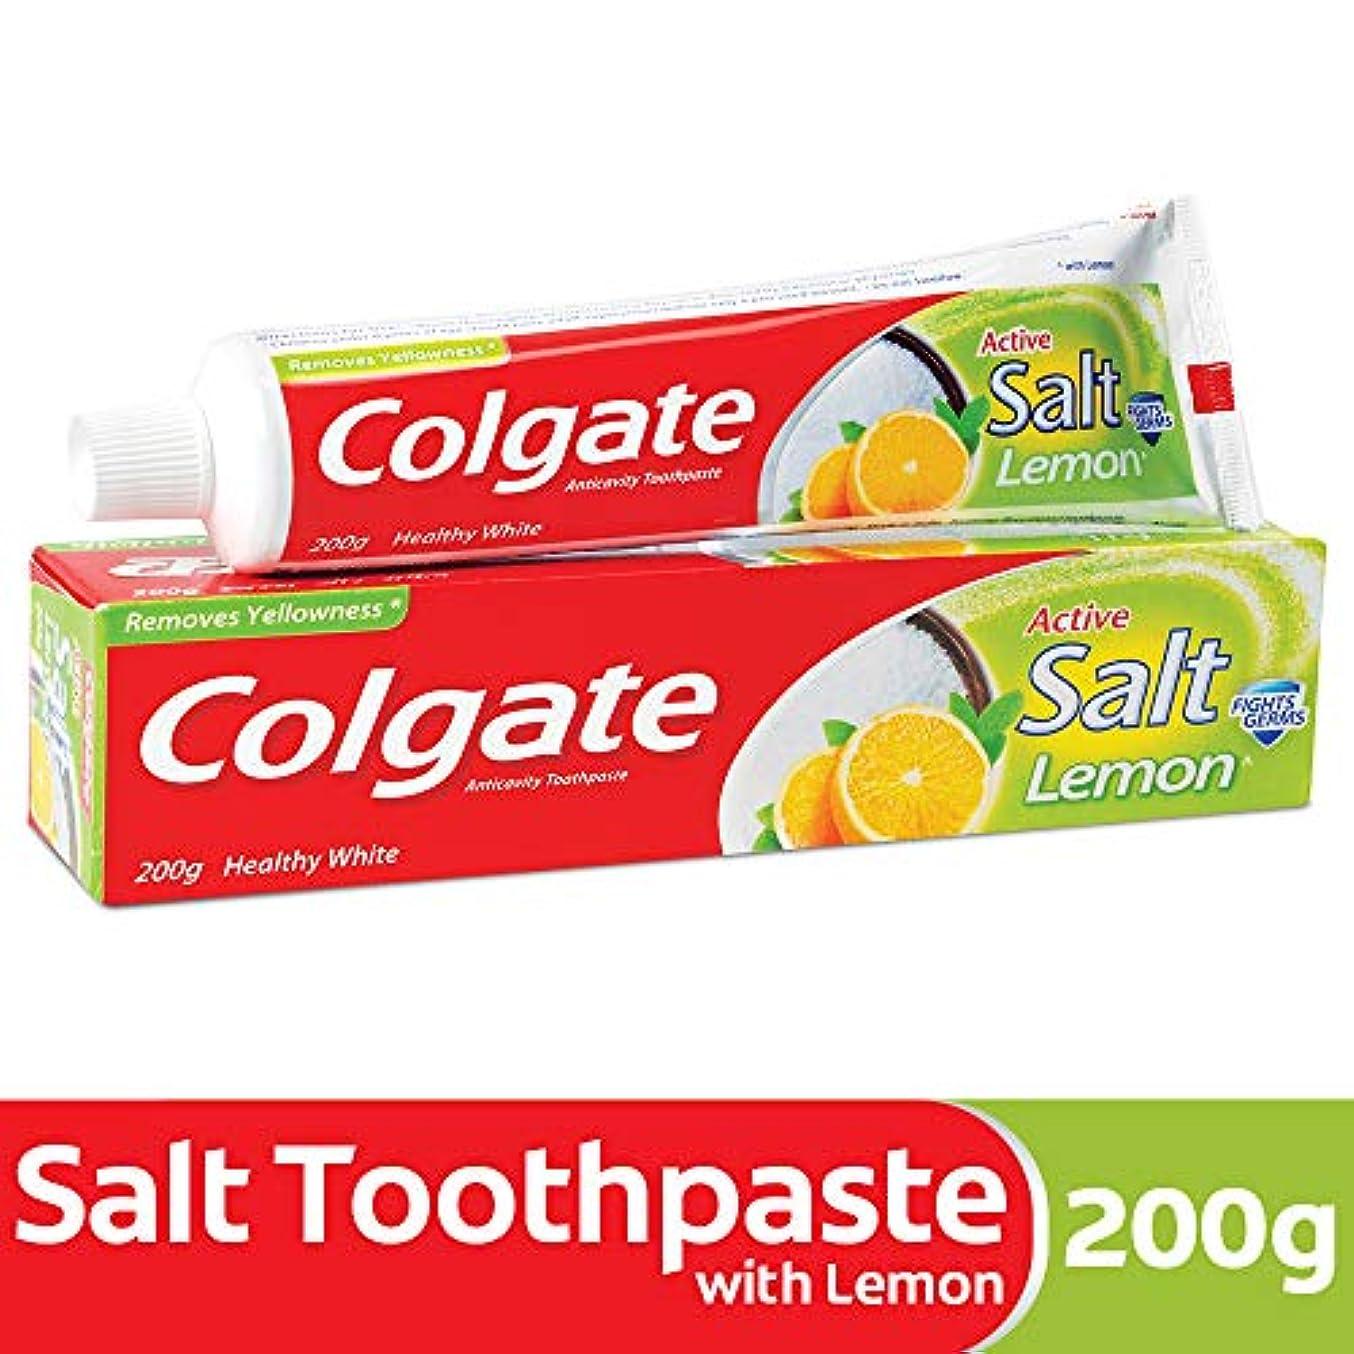 する必要がある批判するサイクロプスColgate Toothpaste Active Salt - 200 g (Salt and Lemon)